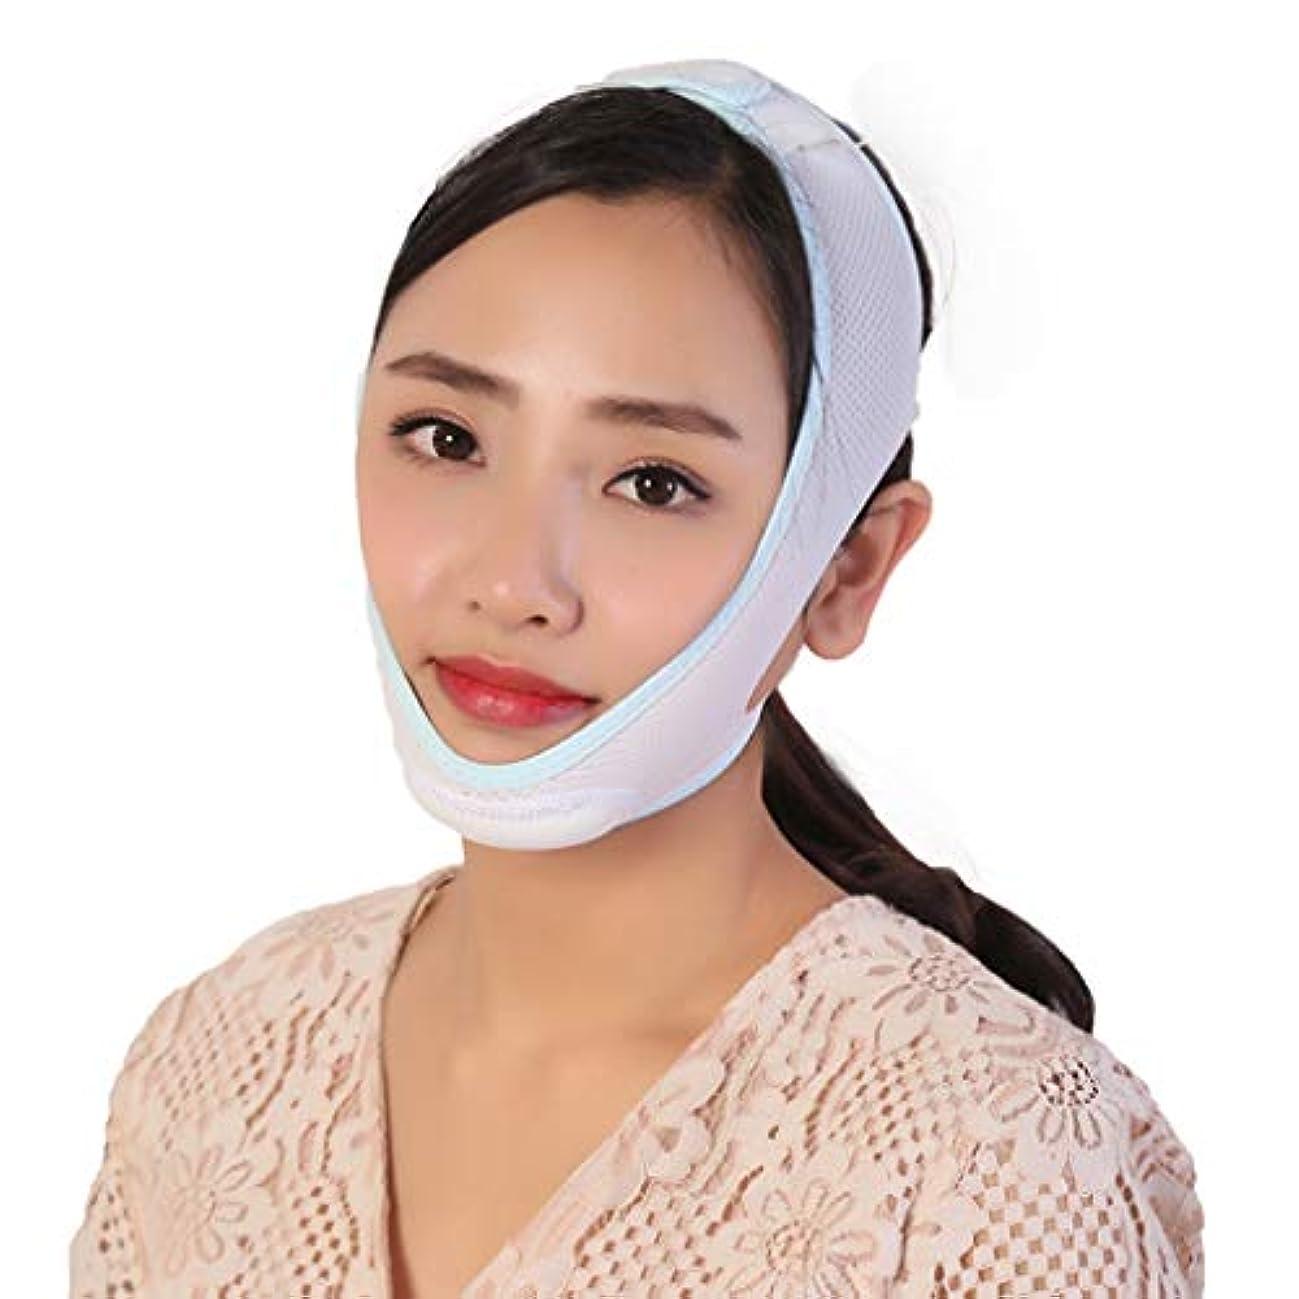 立場異なるスコットランド人顔の顔を持ち上げる顔のマスクを改善するために快適な顔面曲線包括的通気性包帯